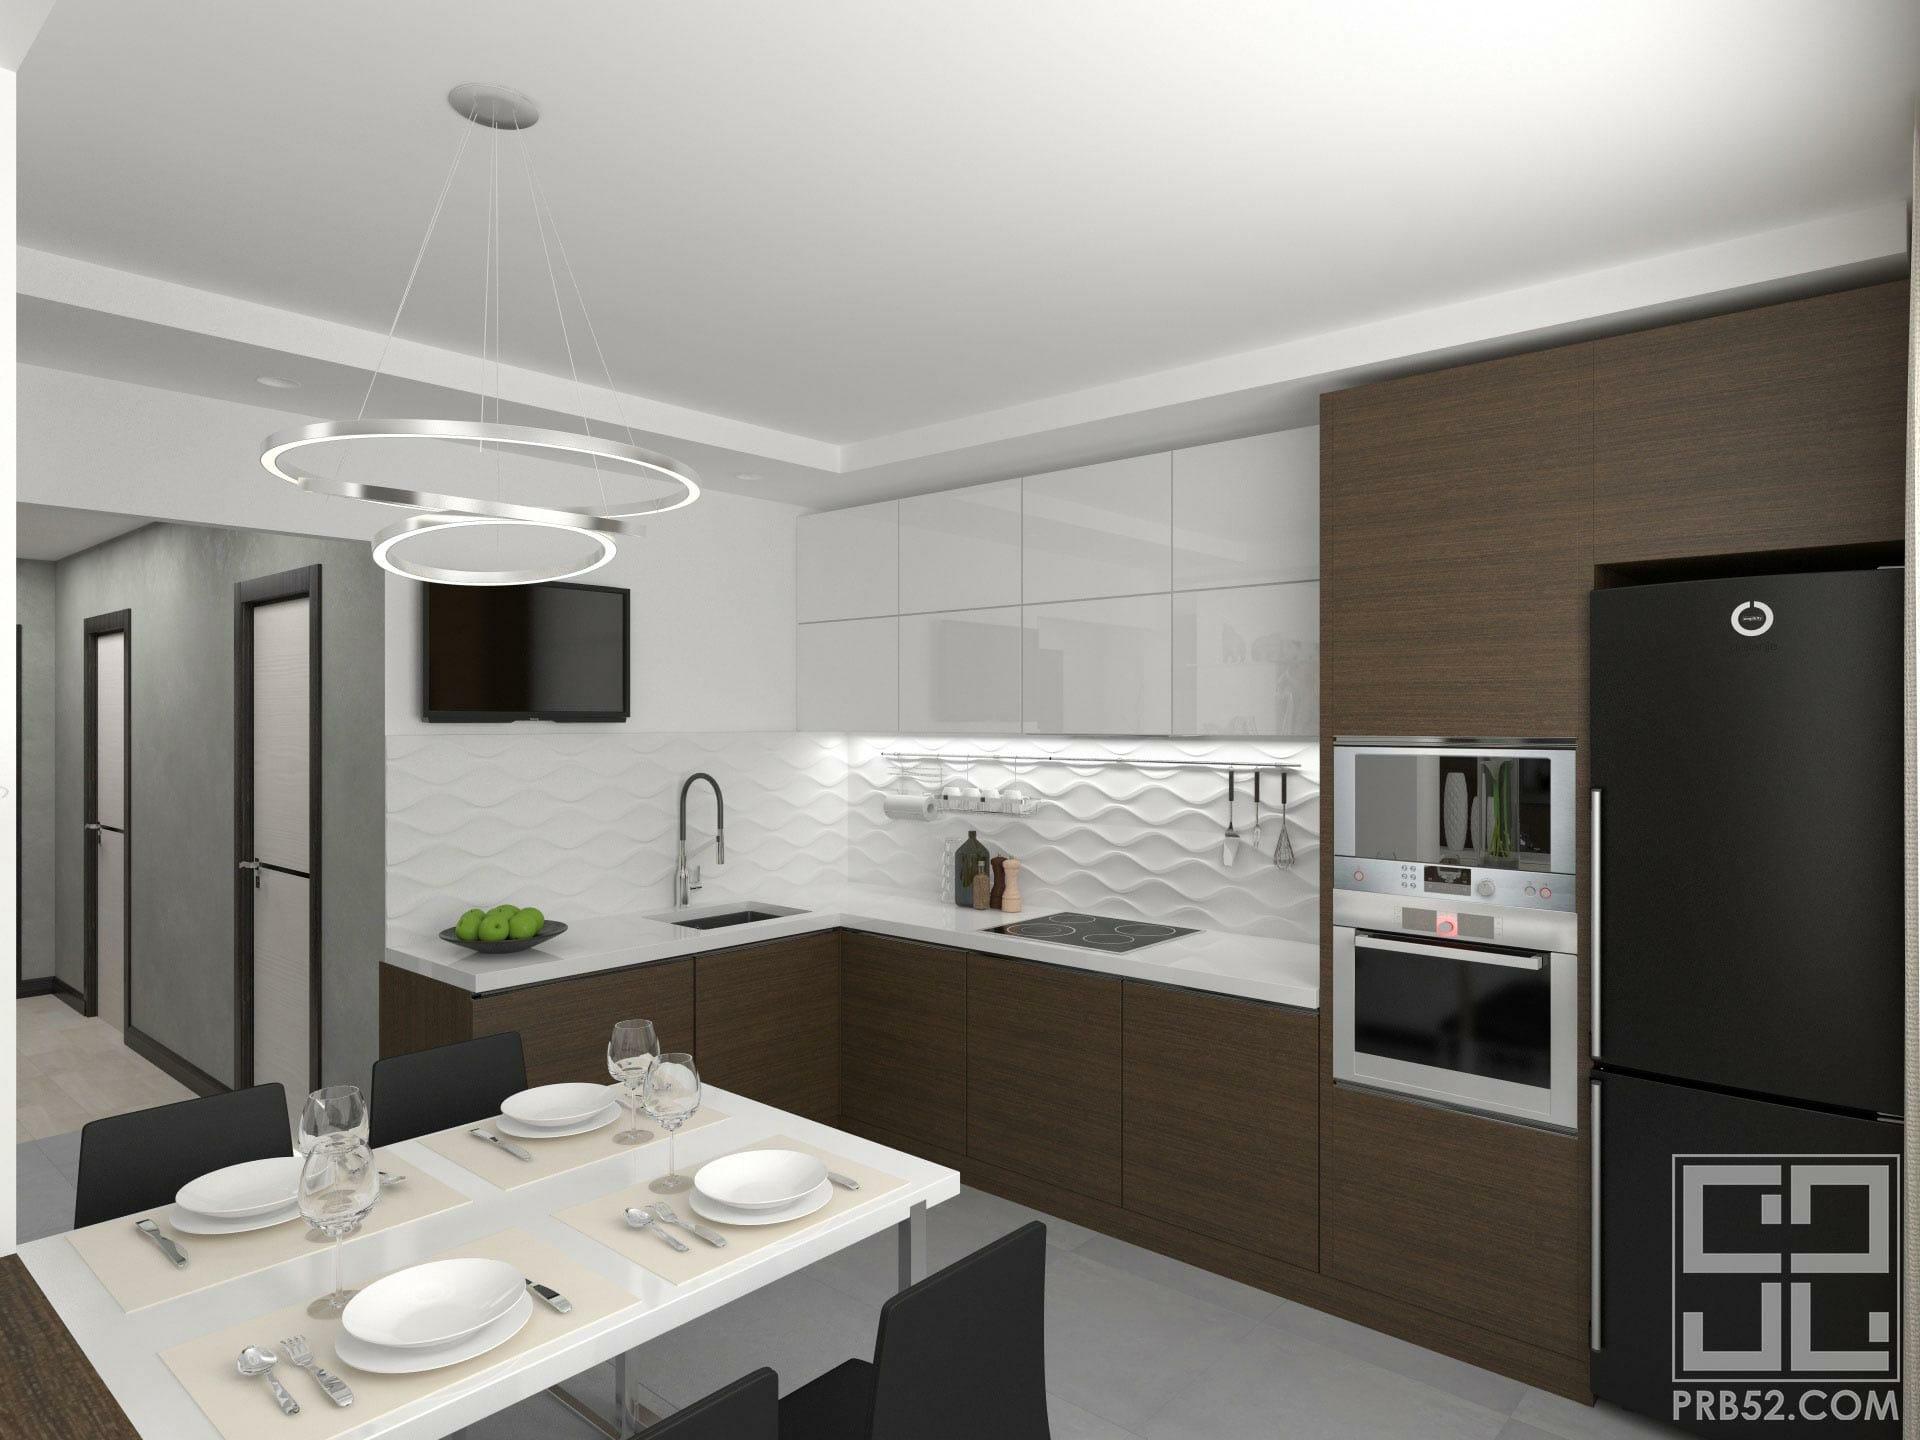 дизайн интерьера кухня столовая